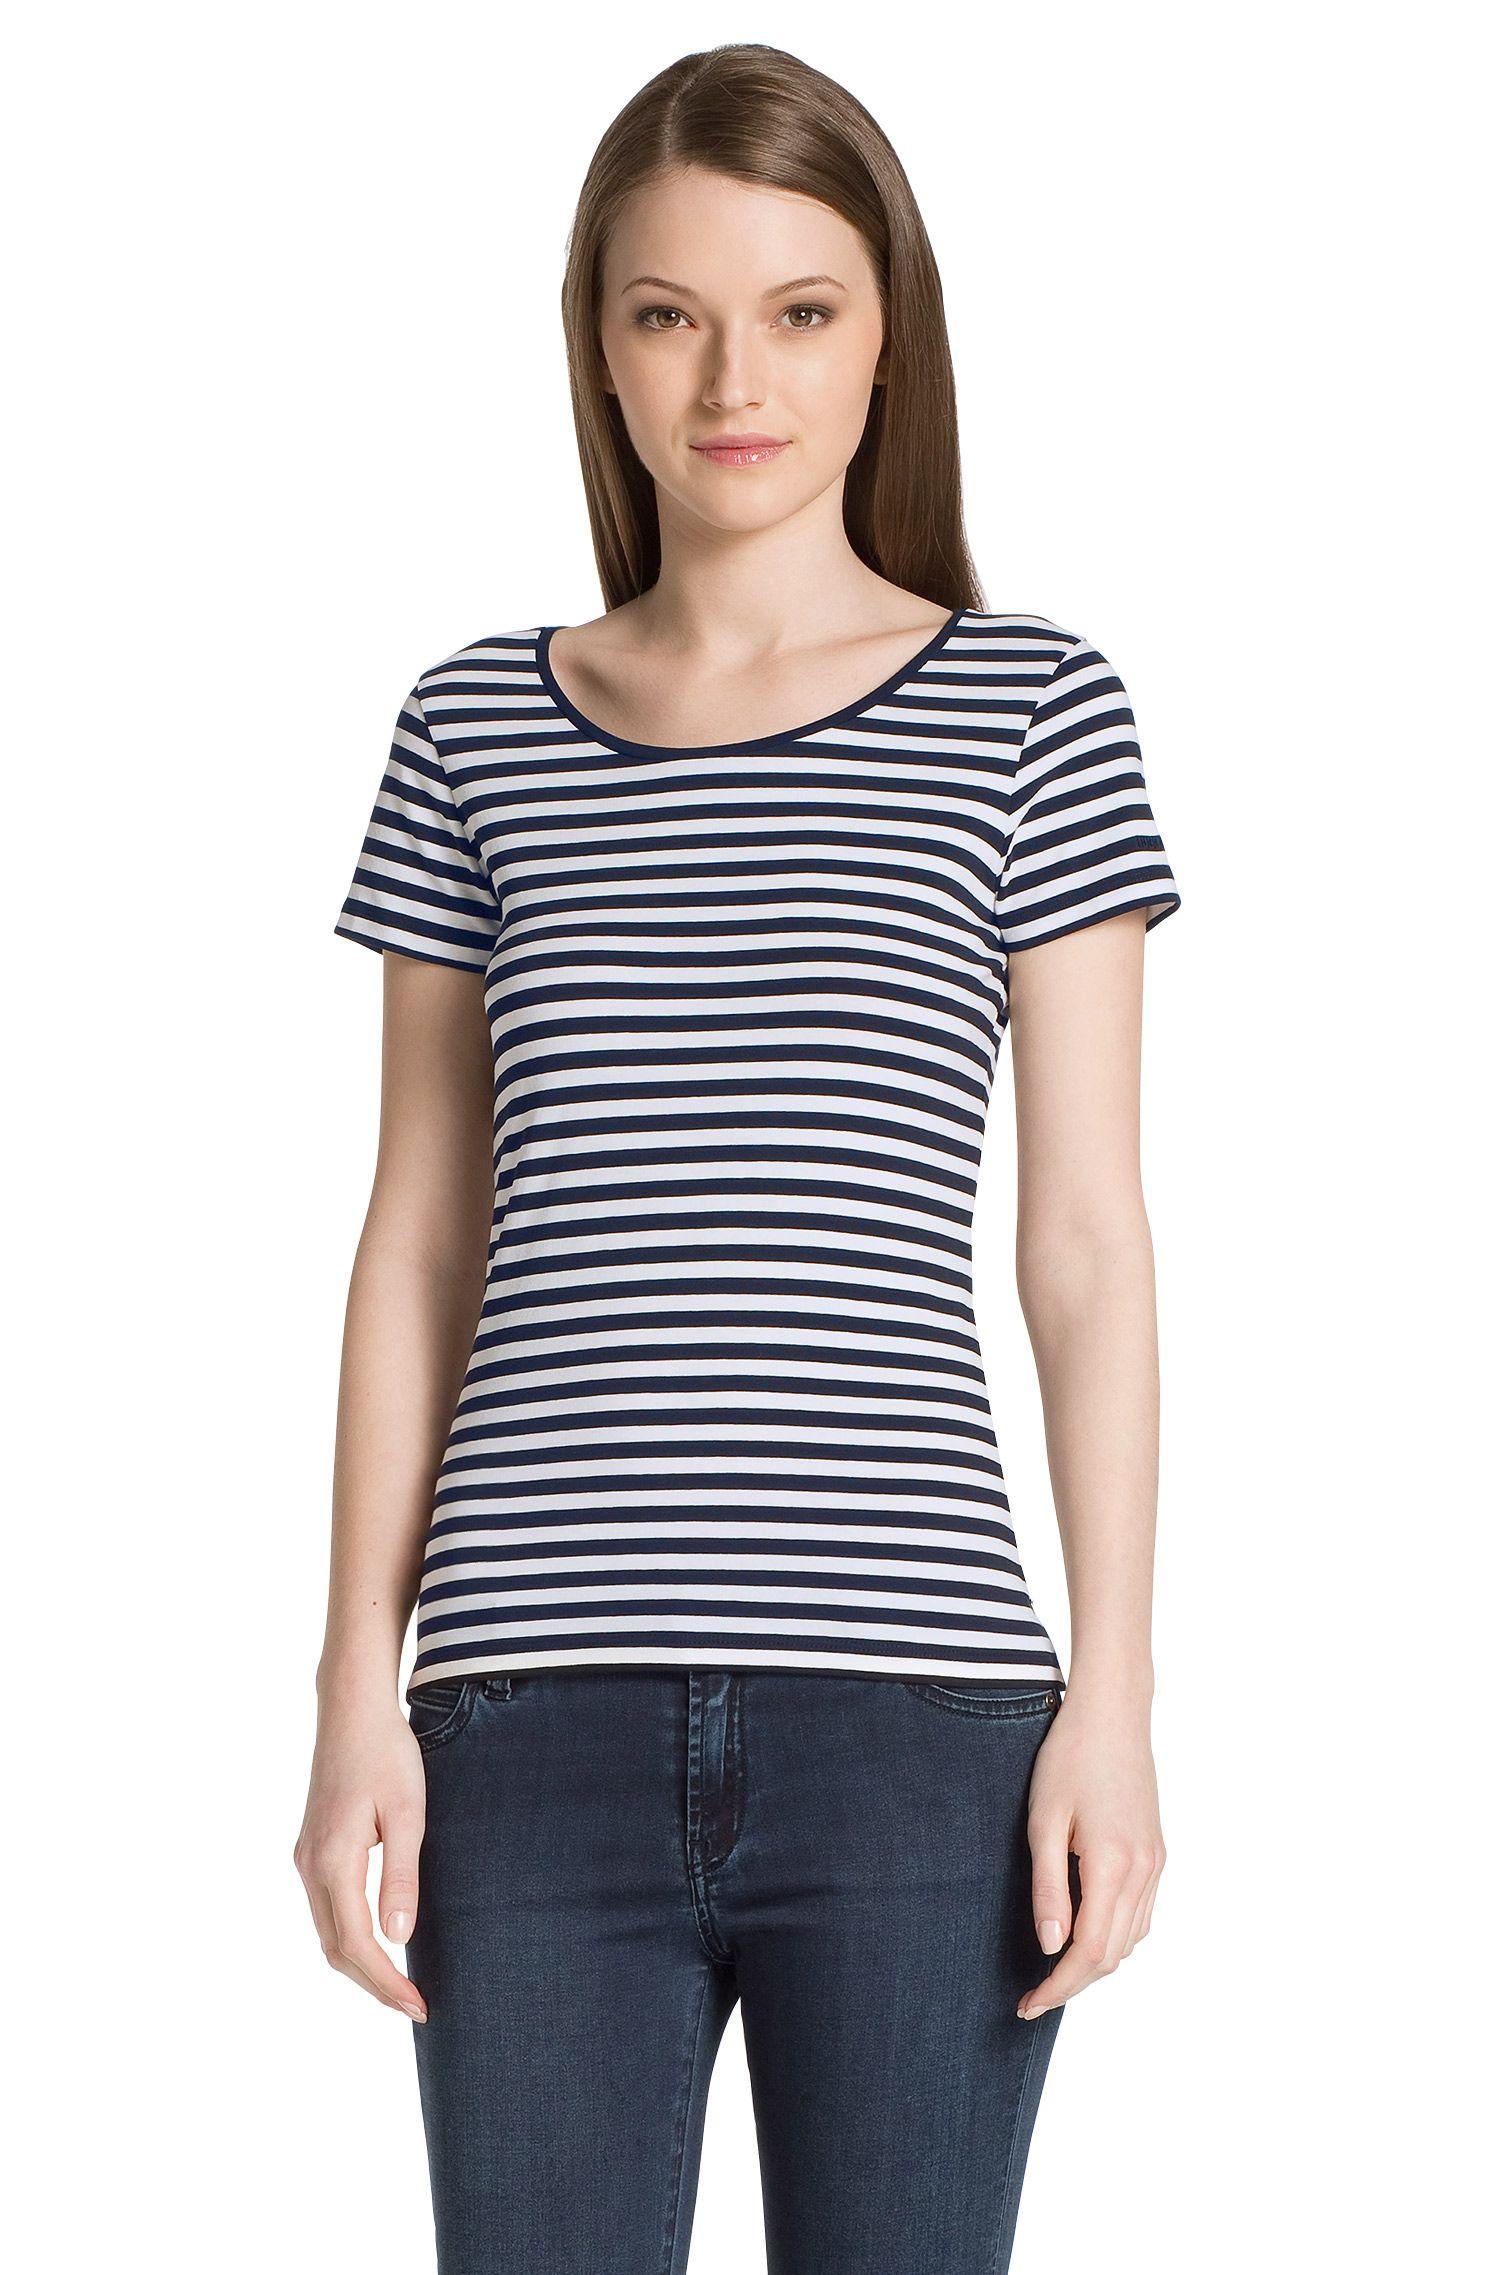 T-shirt en coton mélangé, Debia_2